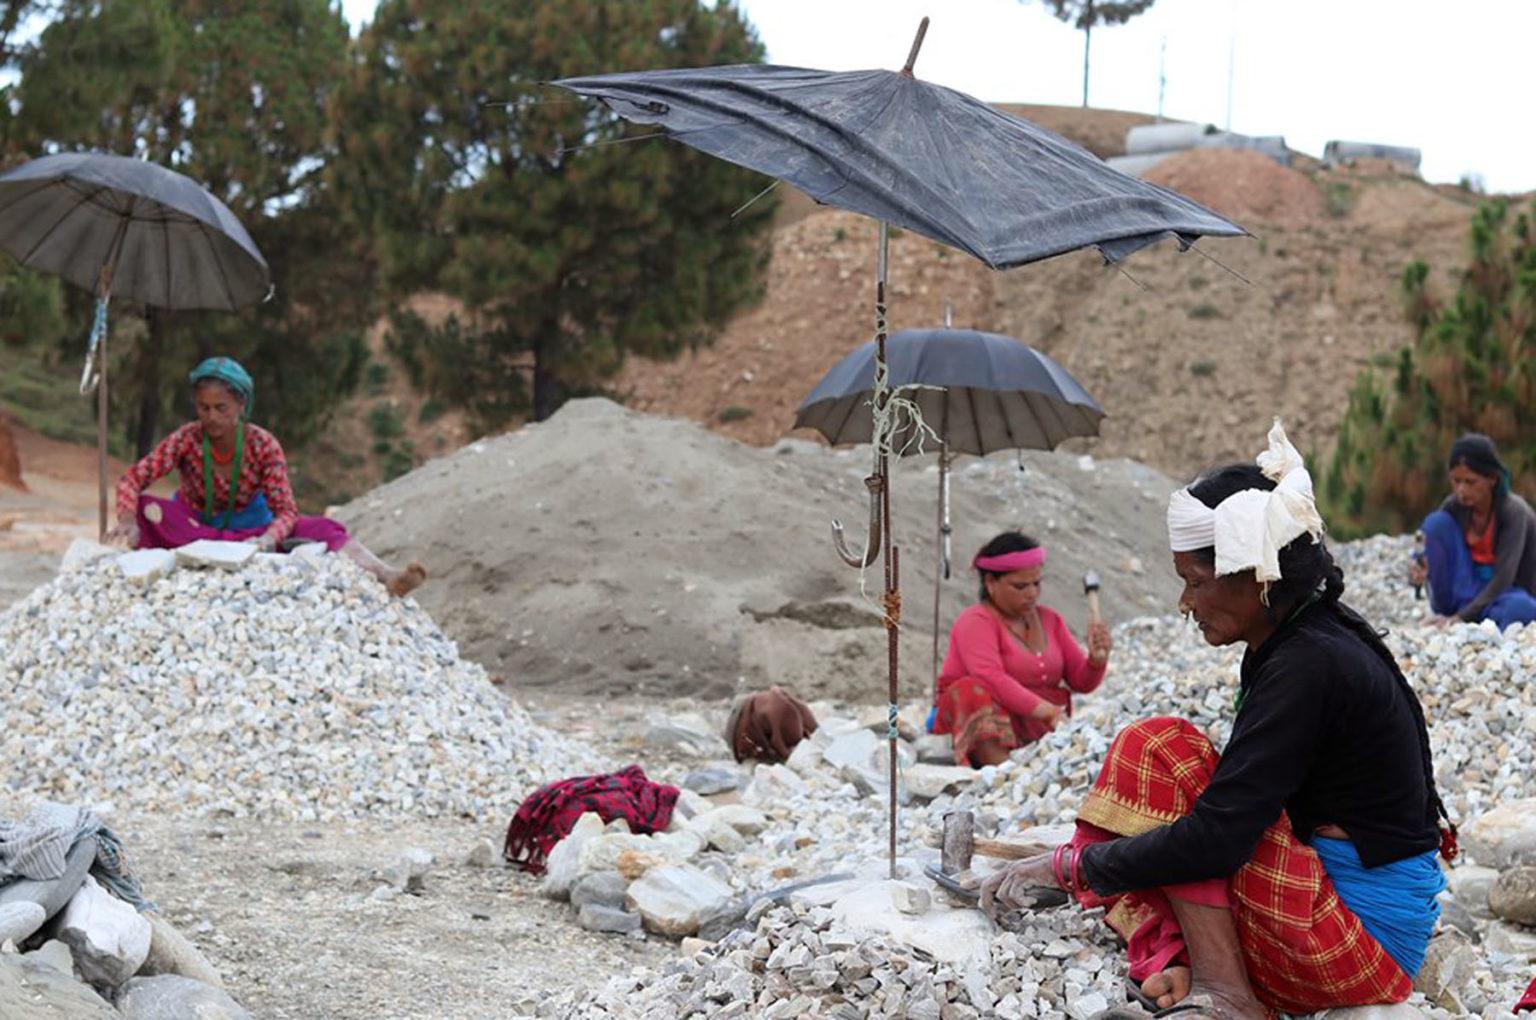 गरिबहरुको गुनासो- 'रहर होइन बाध्यता छ, गिट्टी कुट्ने काम'